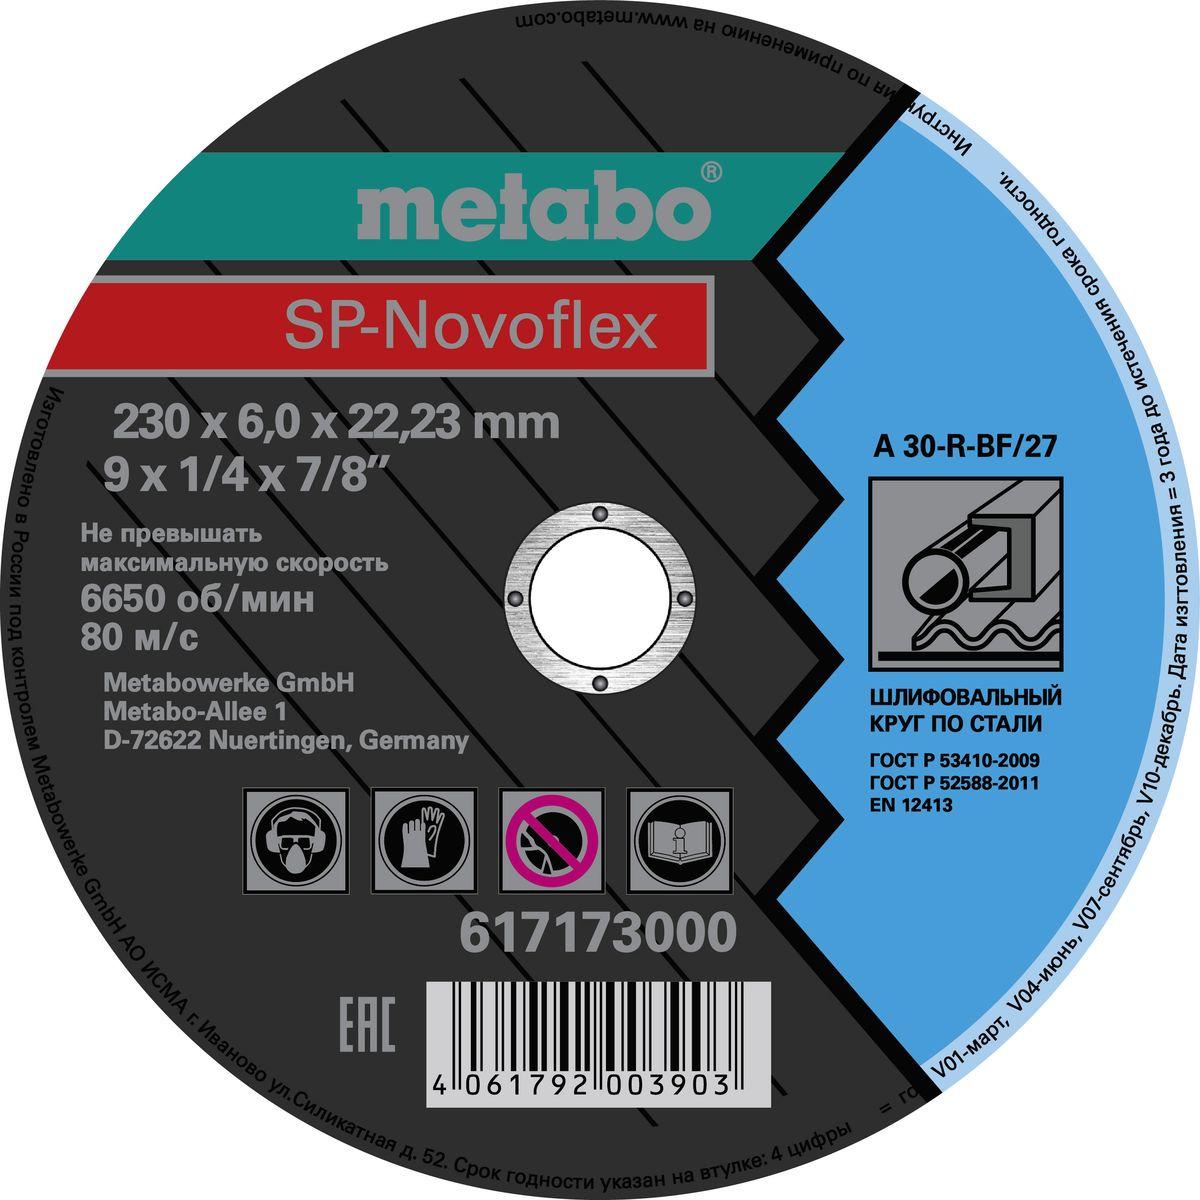 Круг обдирочный Metabo SP-Novoflex, 617173000, черный